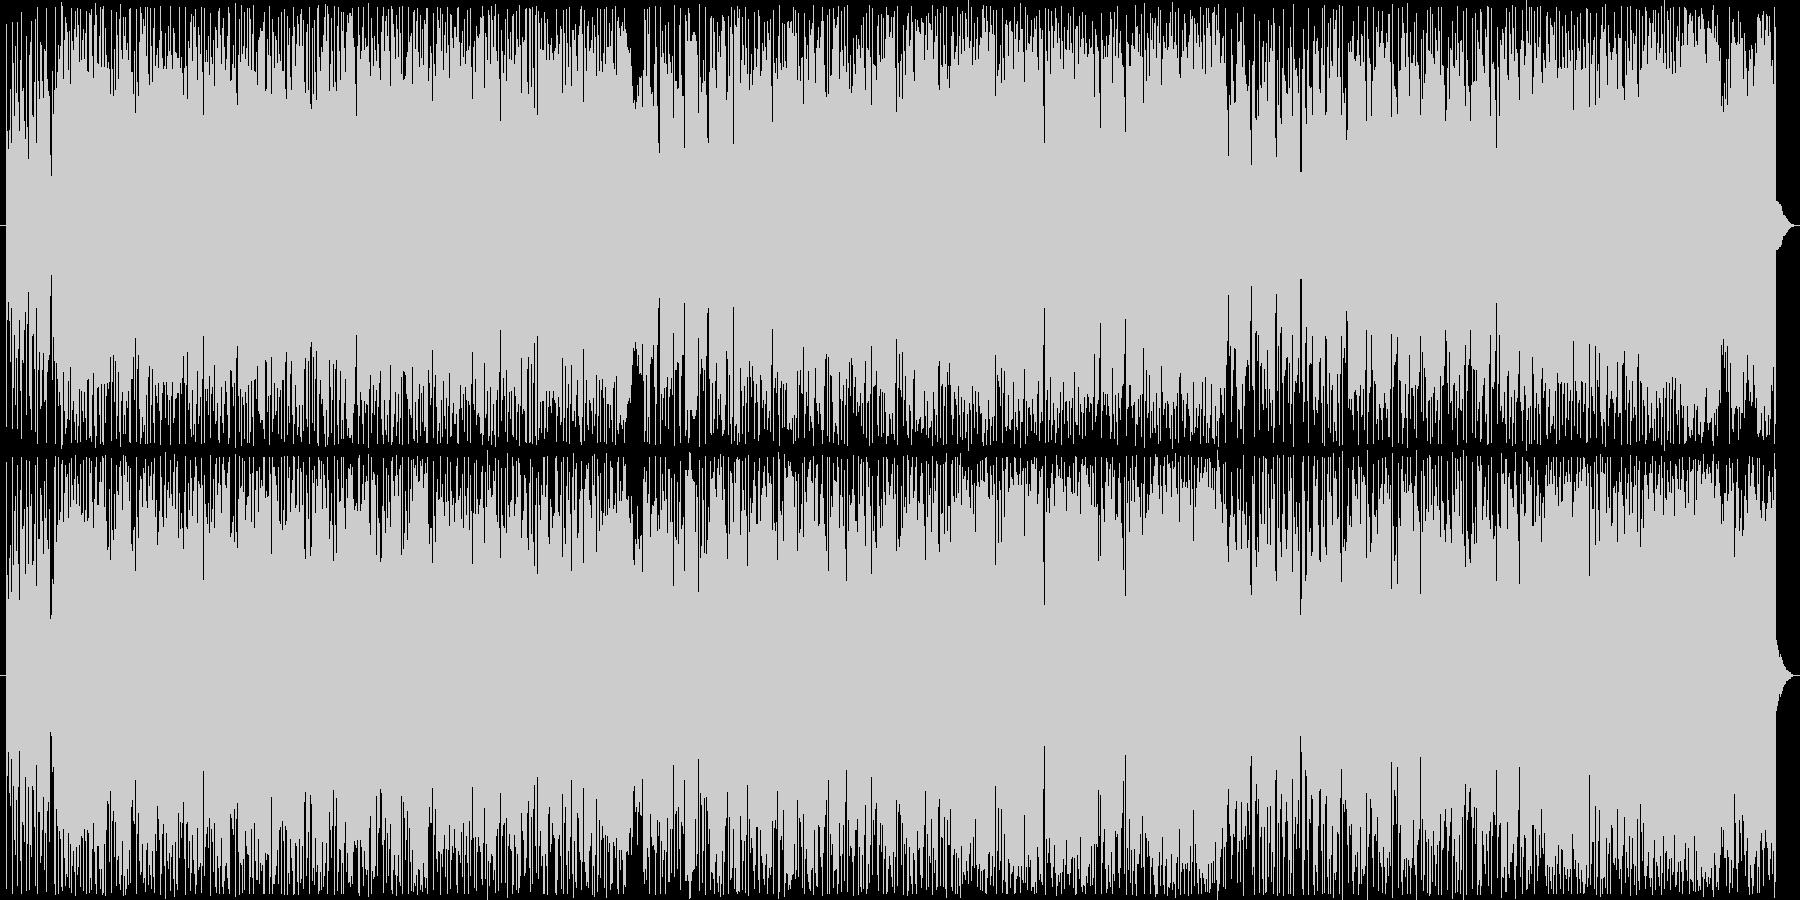 重厚かつ疾走感あるロック好きエレクトロAの未再生の波形